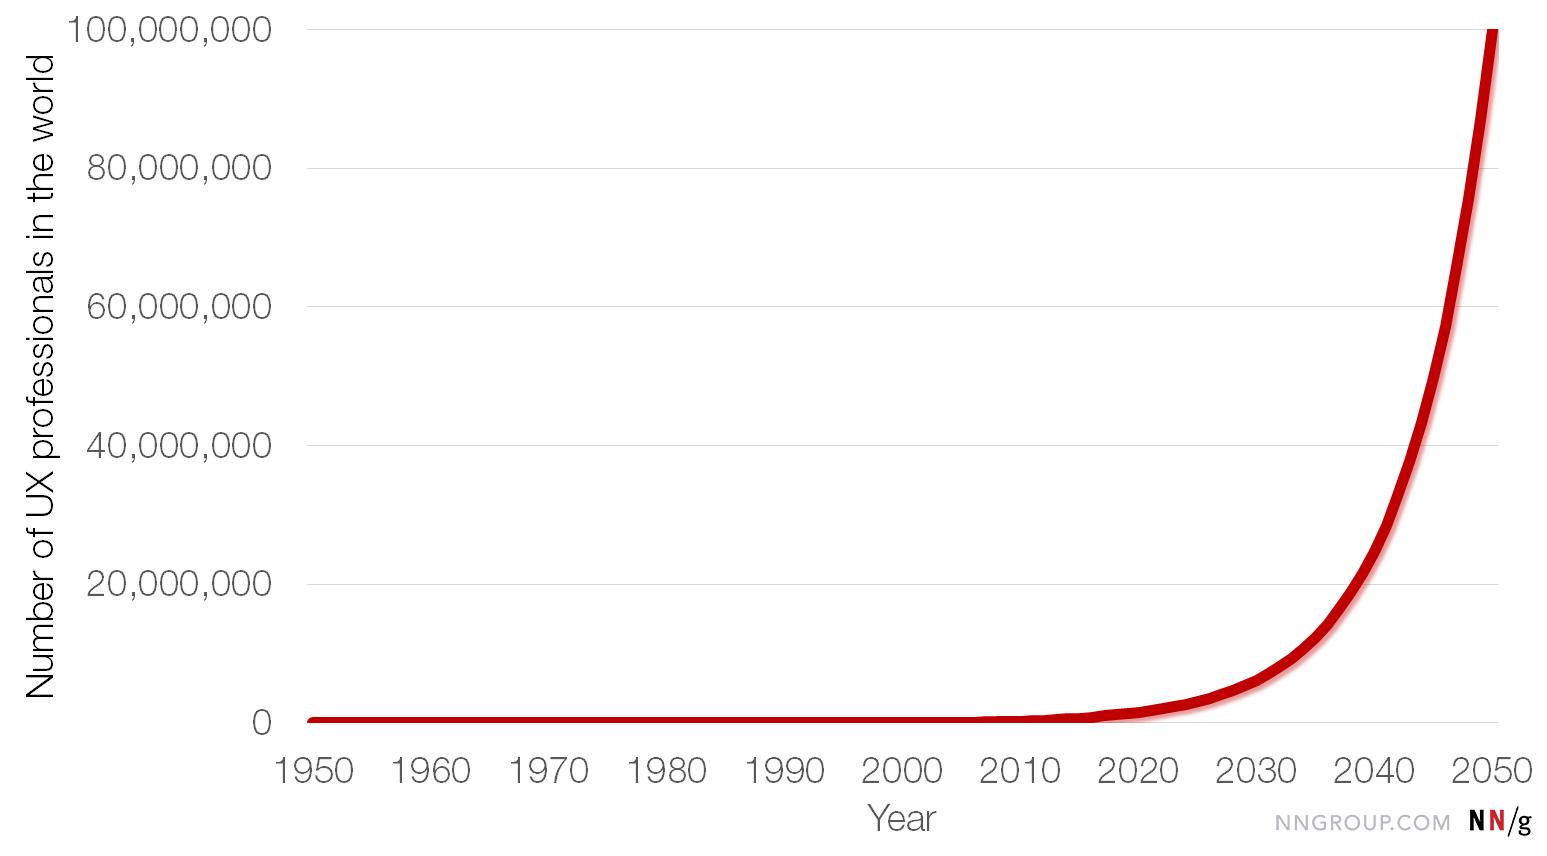 2050年全球人口_全球人口2050年将达98亿:老龄化加剧生态威胁增多